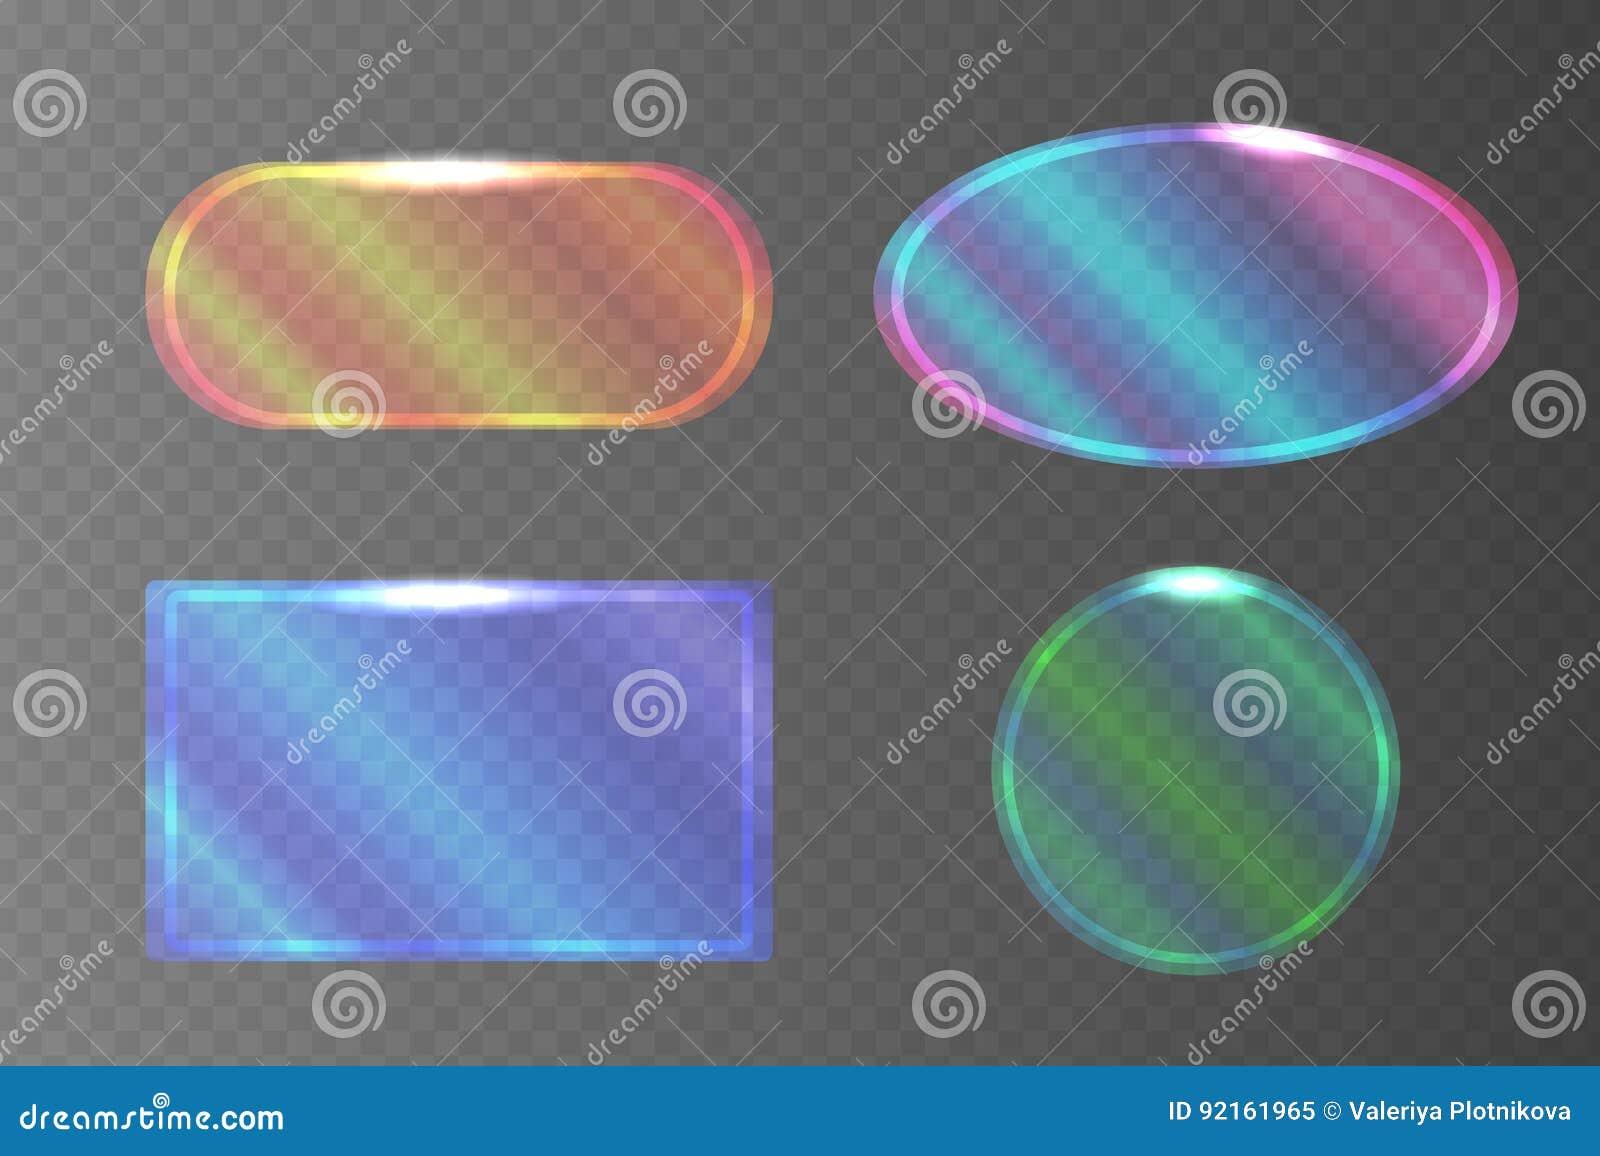 套不同的形状透明珠母般的横幅